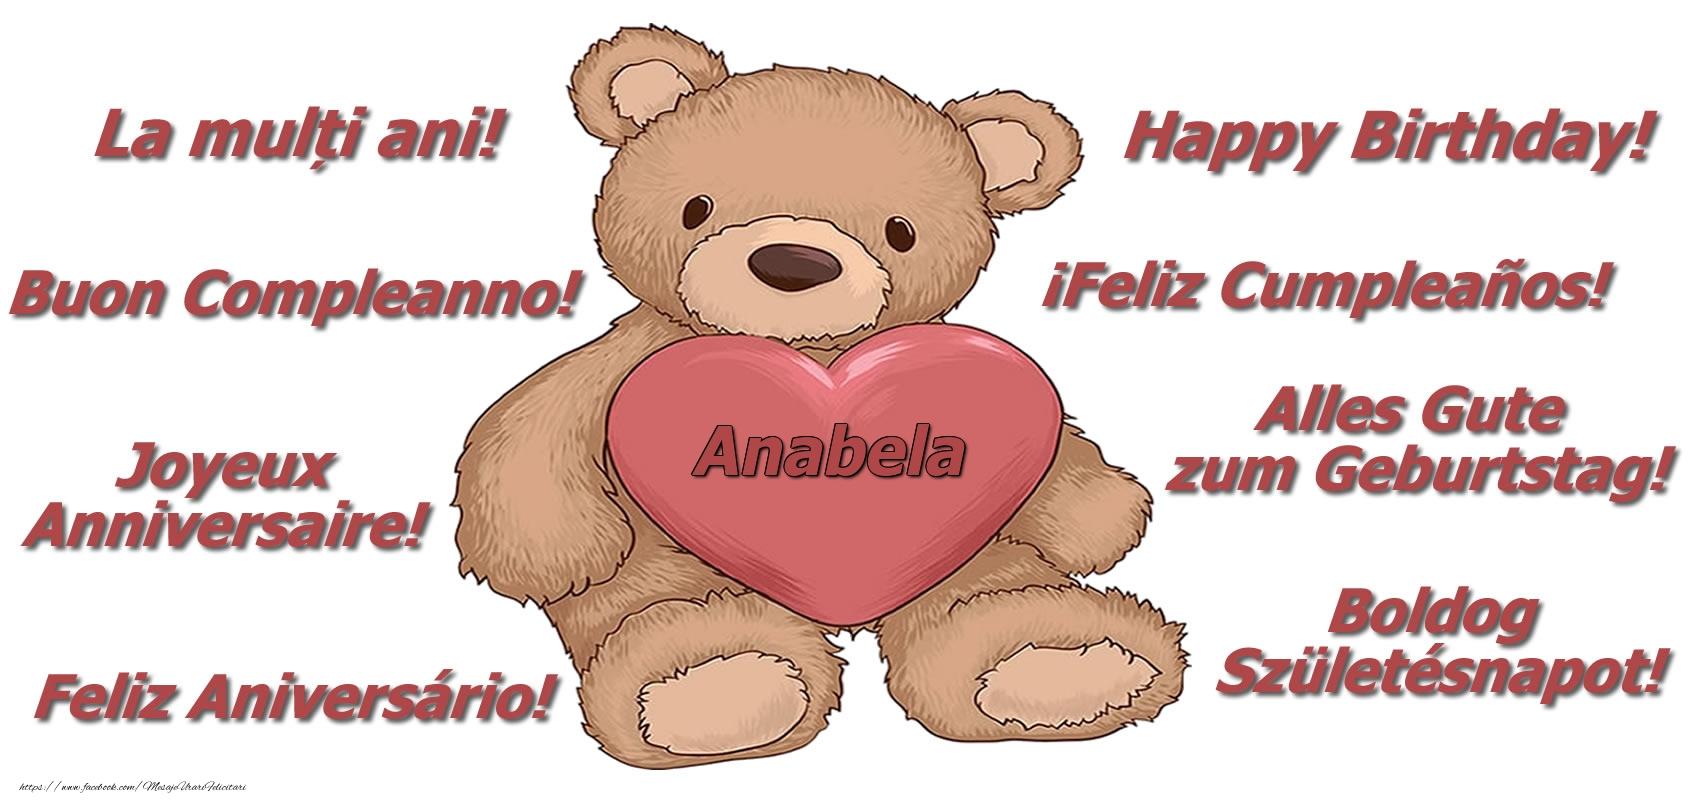 Felicitari de zi de nastere - La multi ani Anabela! - Ursulet